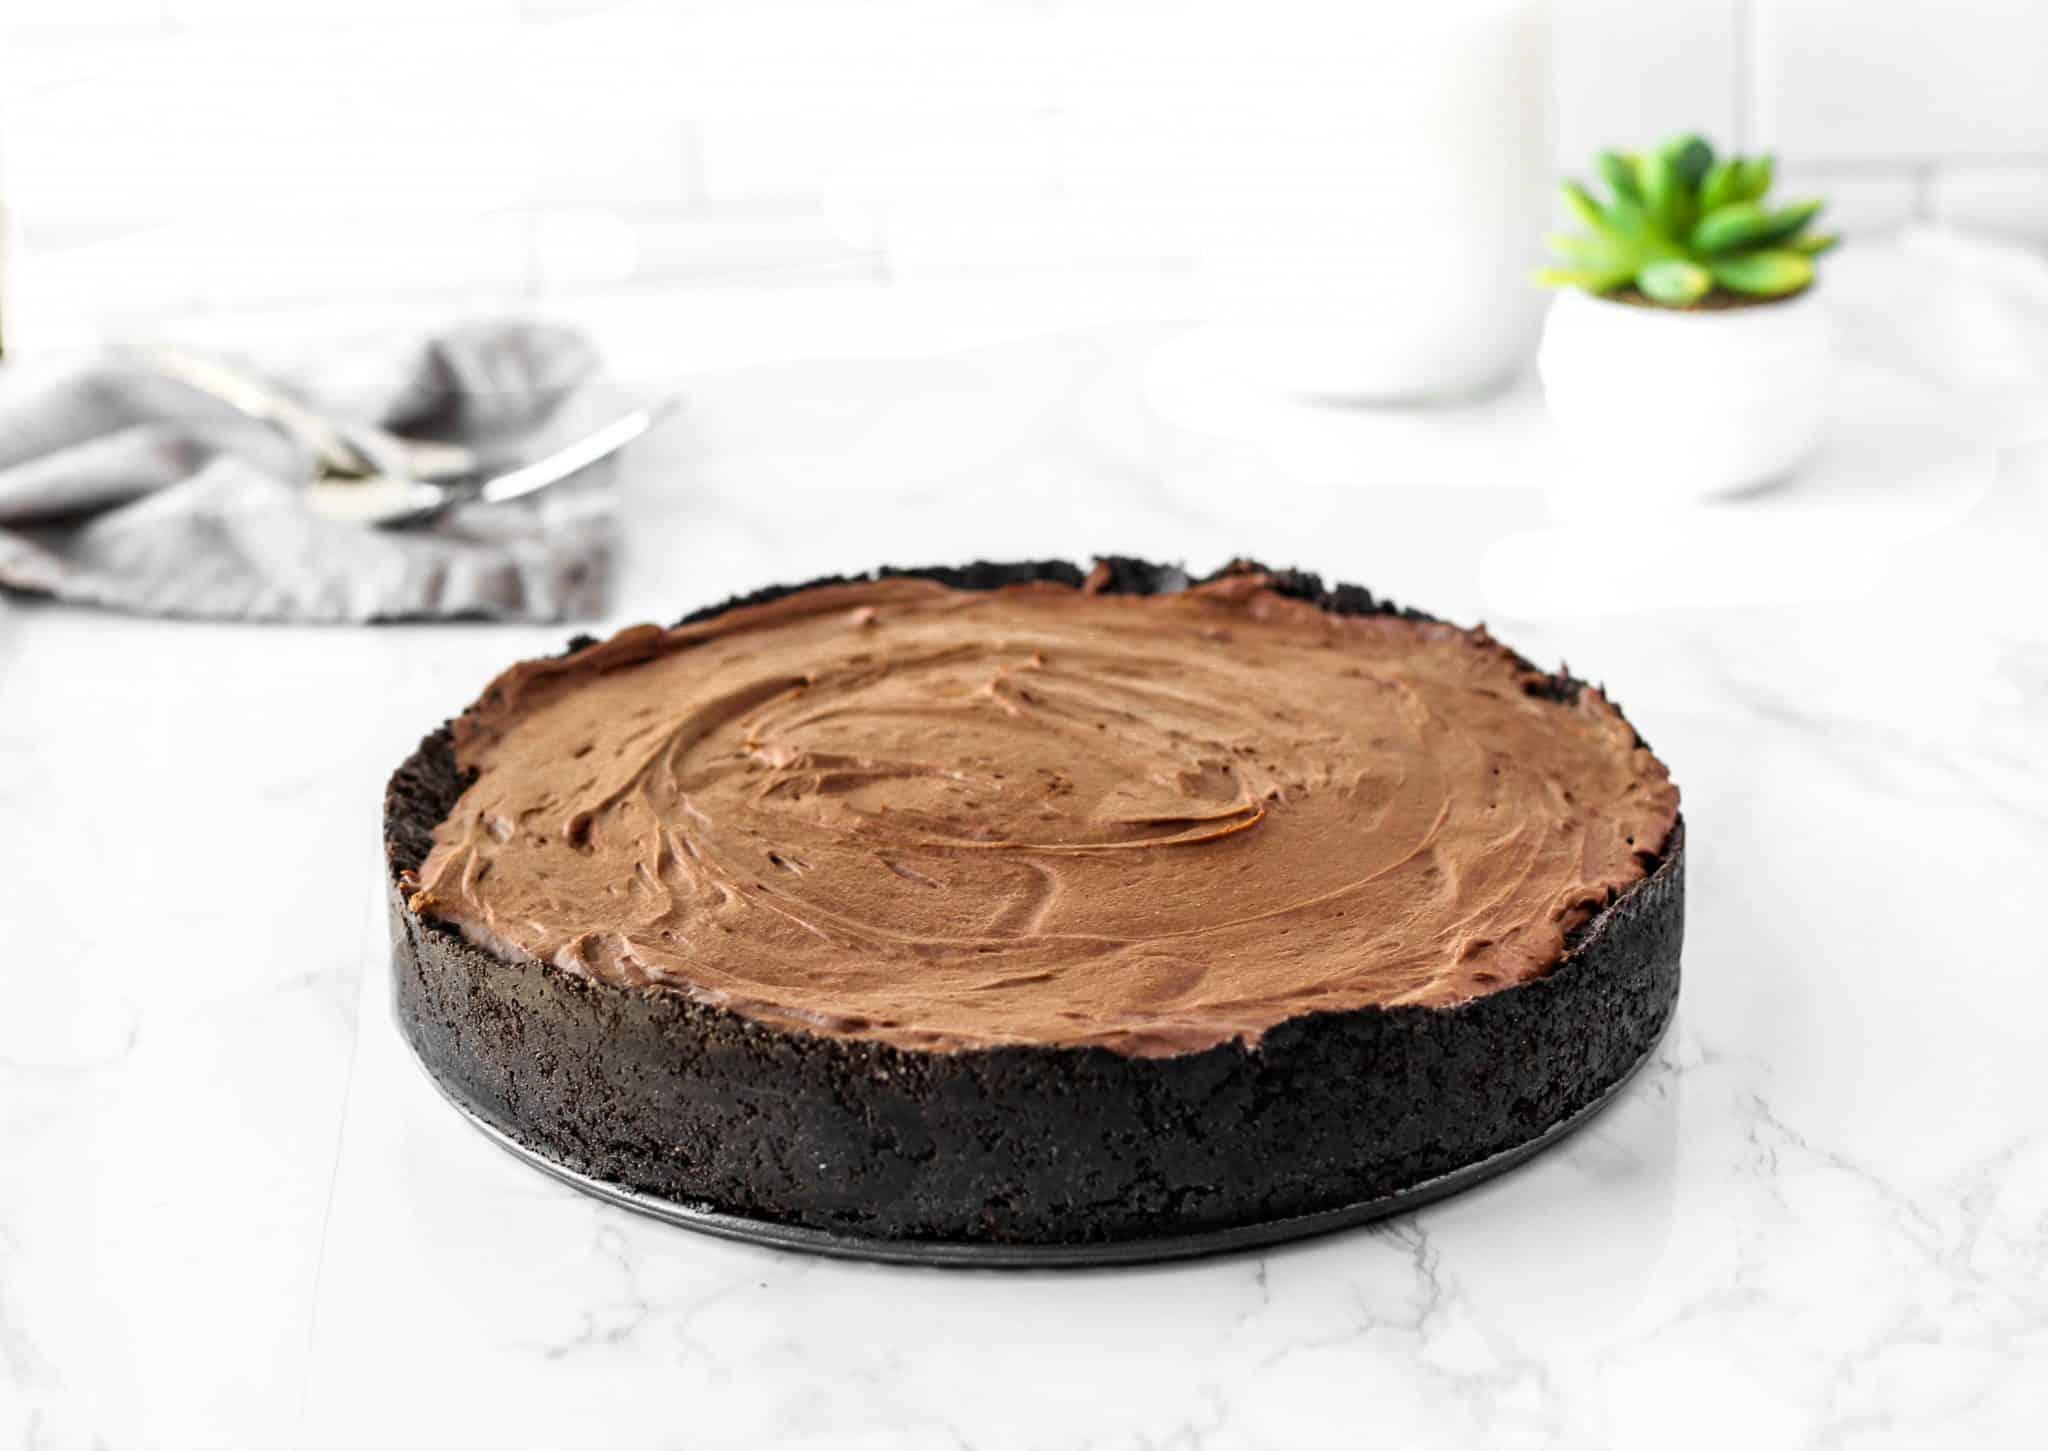 No-bake-chocolate-cheesecake-2048x1451-1